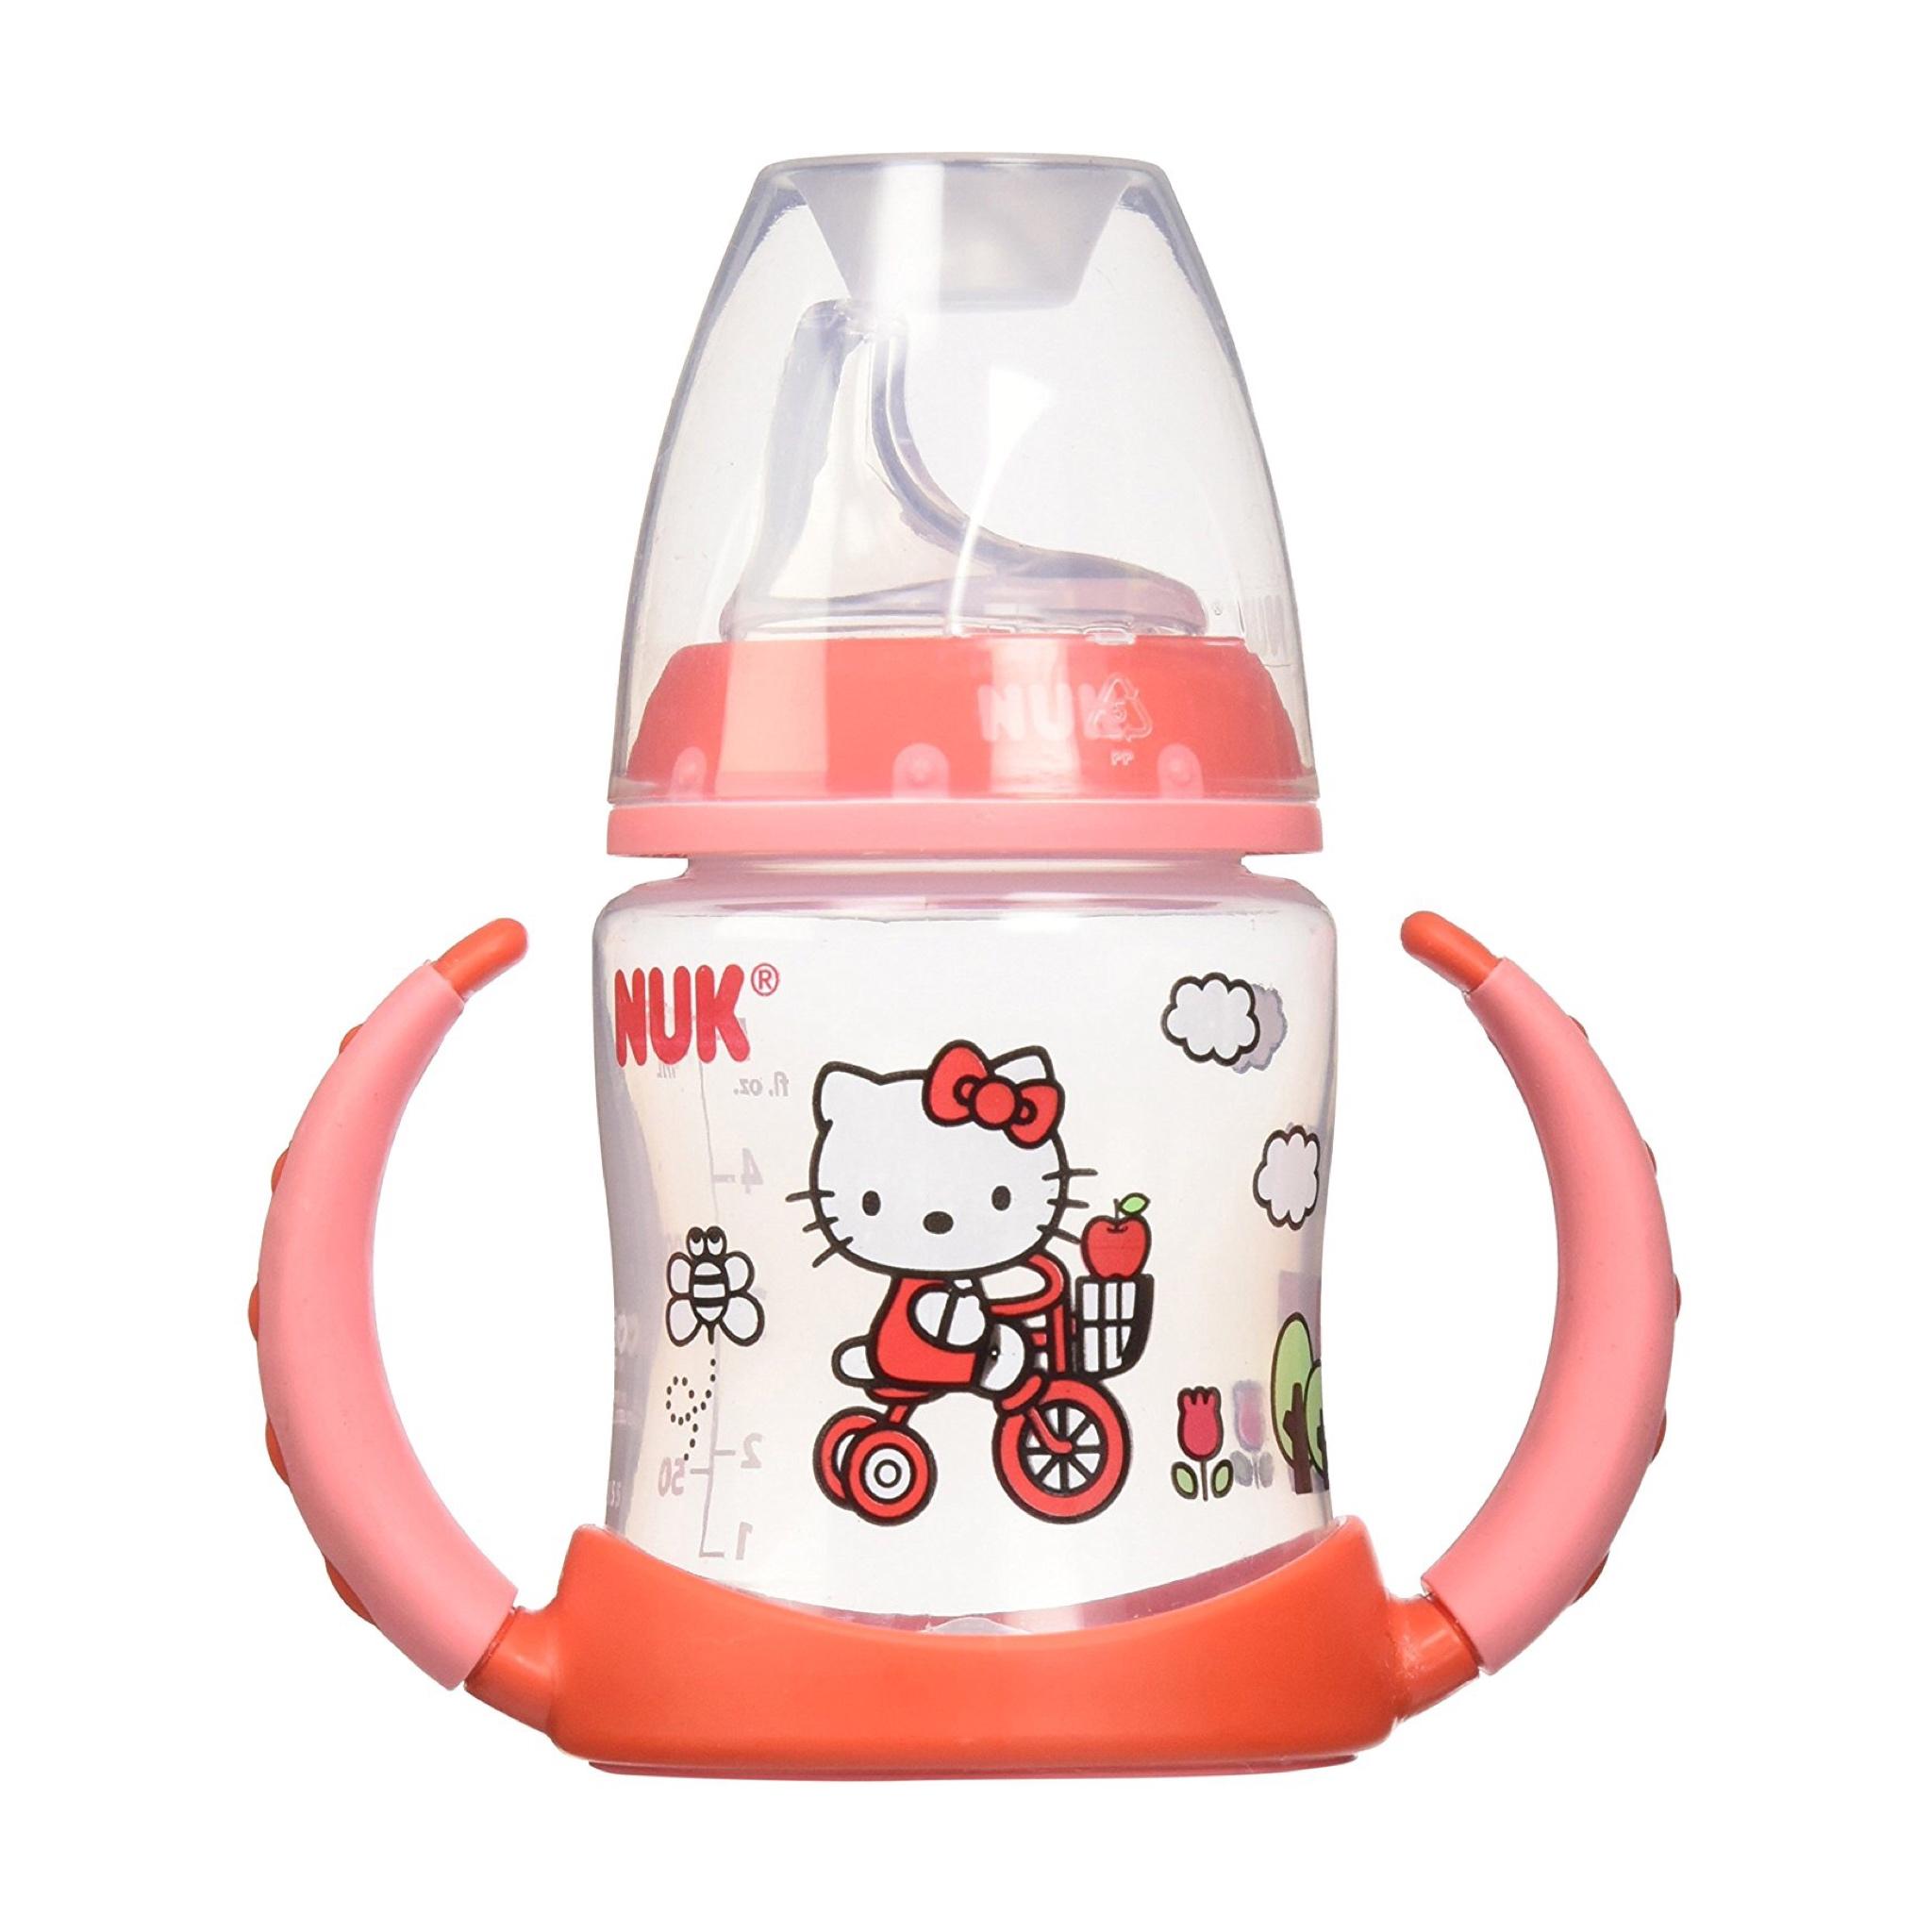 ถ้วยหัดดื่มปลอดสารพิษ Nuk 5-oz Learner Cup, Silicone Spout, BPA Free (Hello Kitty (Red))